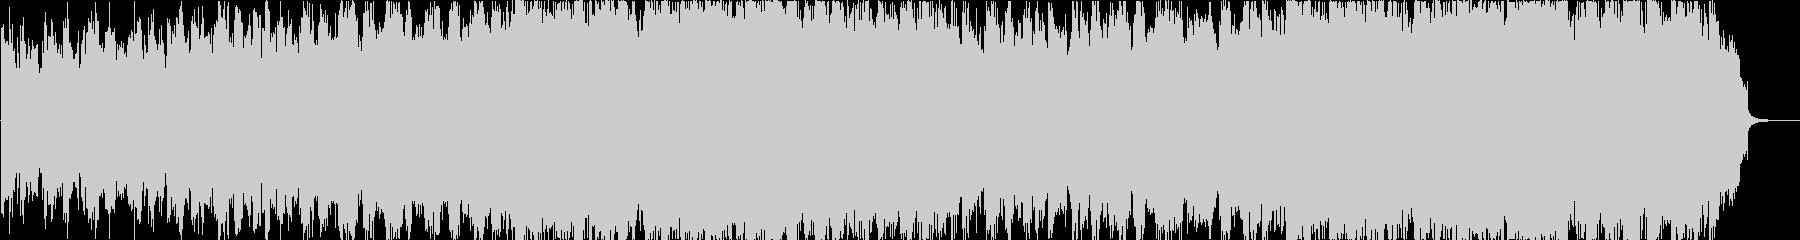 レスキューや出動などの緊迫した場面用音源の未再生の波形